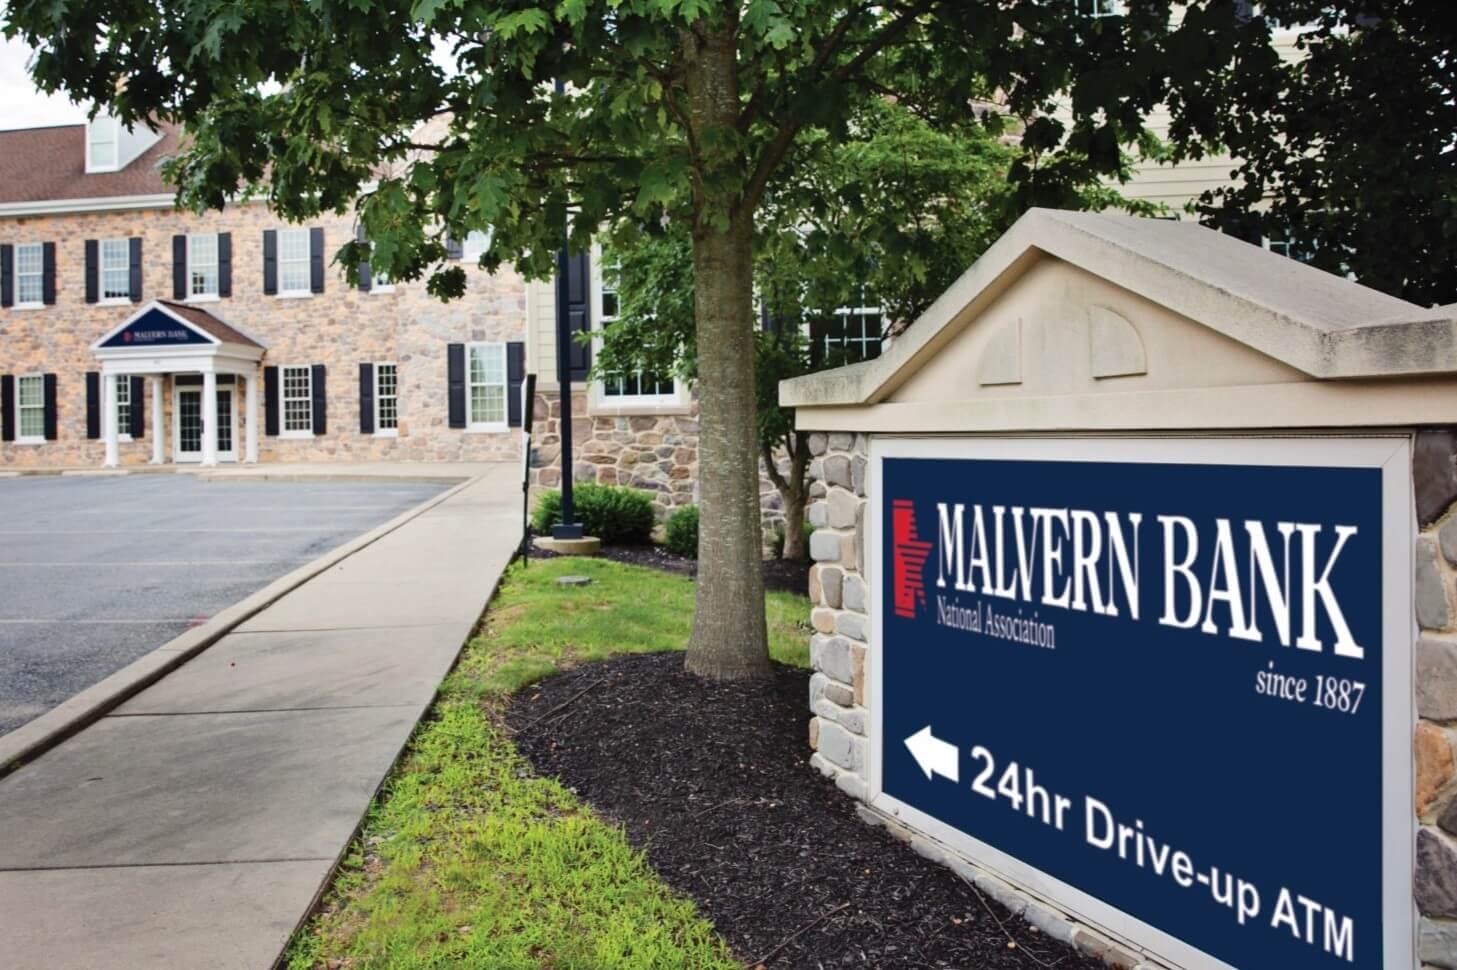 Malvern Bank to open office in Hartshorne Mansion